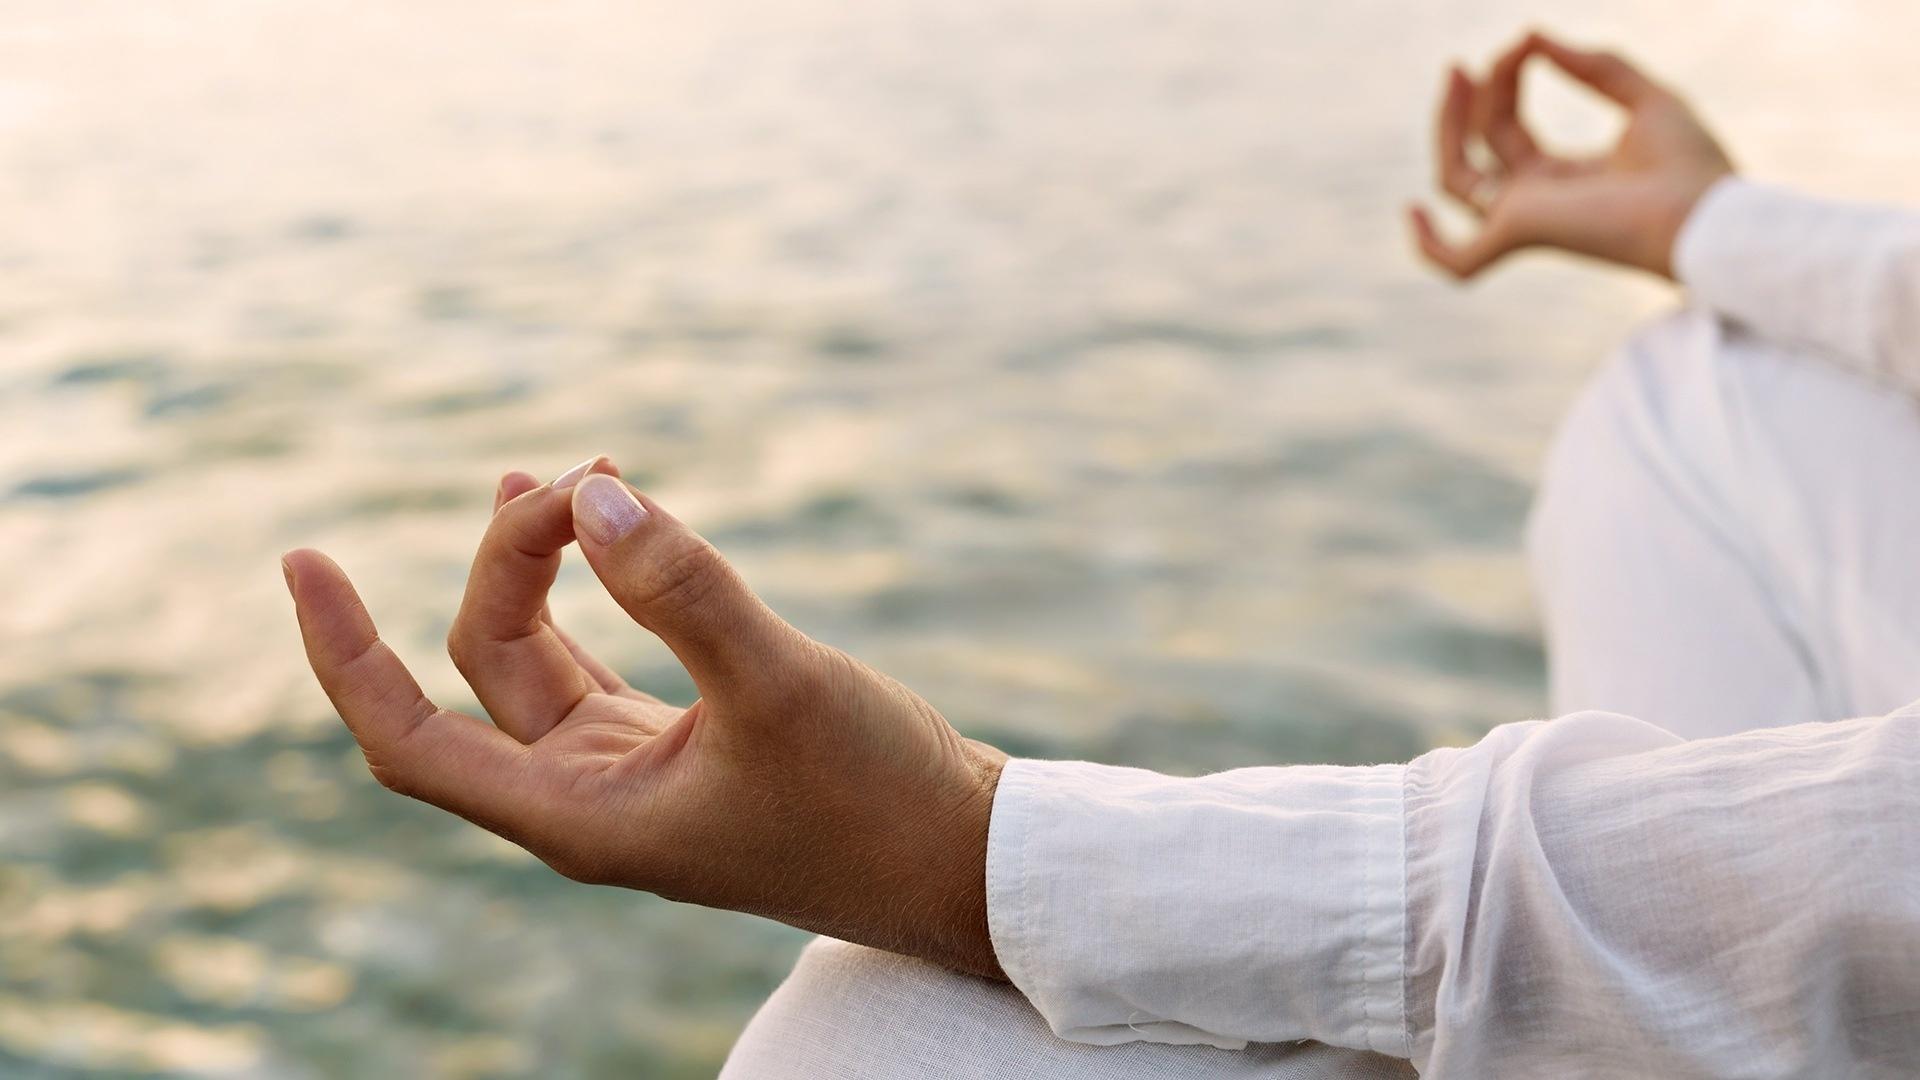 Définition Mindfulness